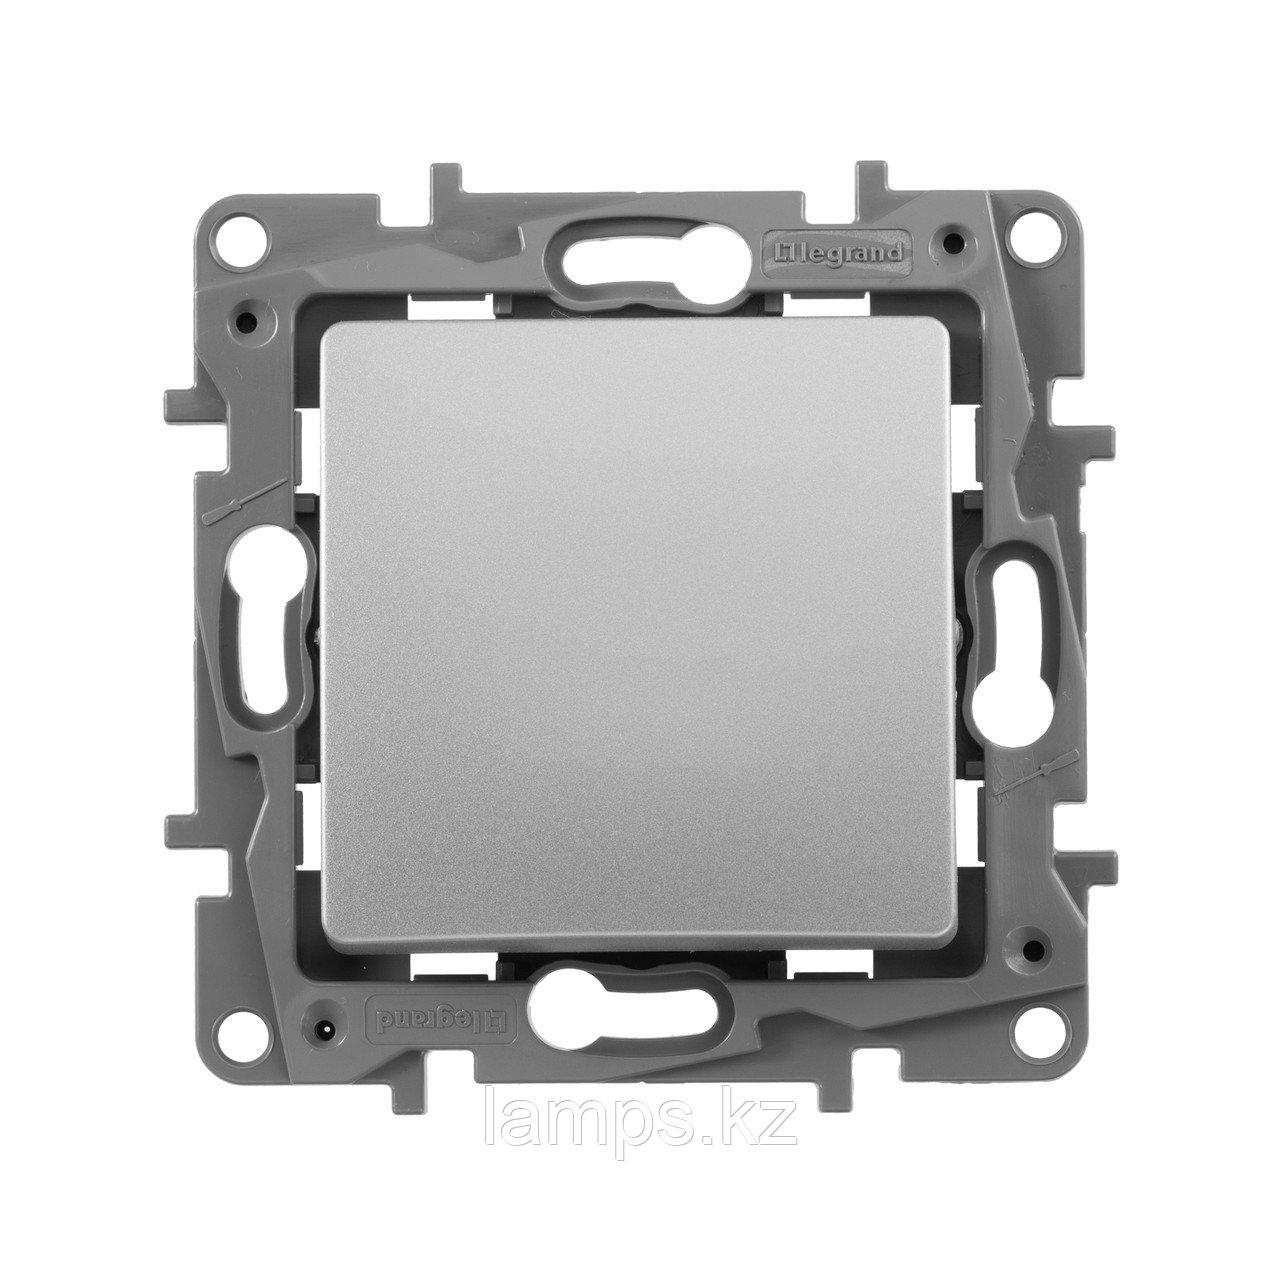 Выключатель одноклавишный - автоматические клеммы - Etika - 10 AX - 250 В~ - алюминий